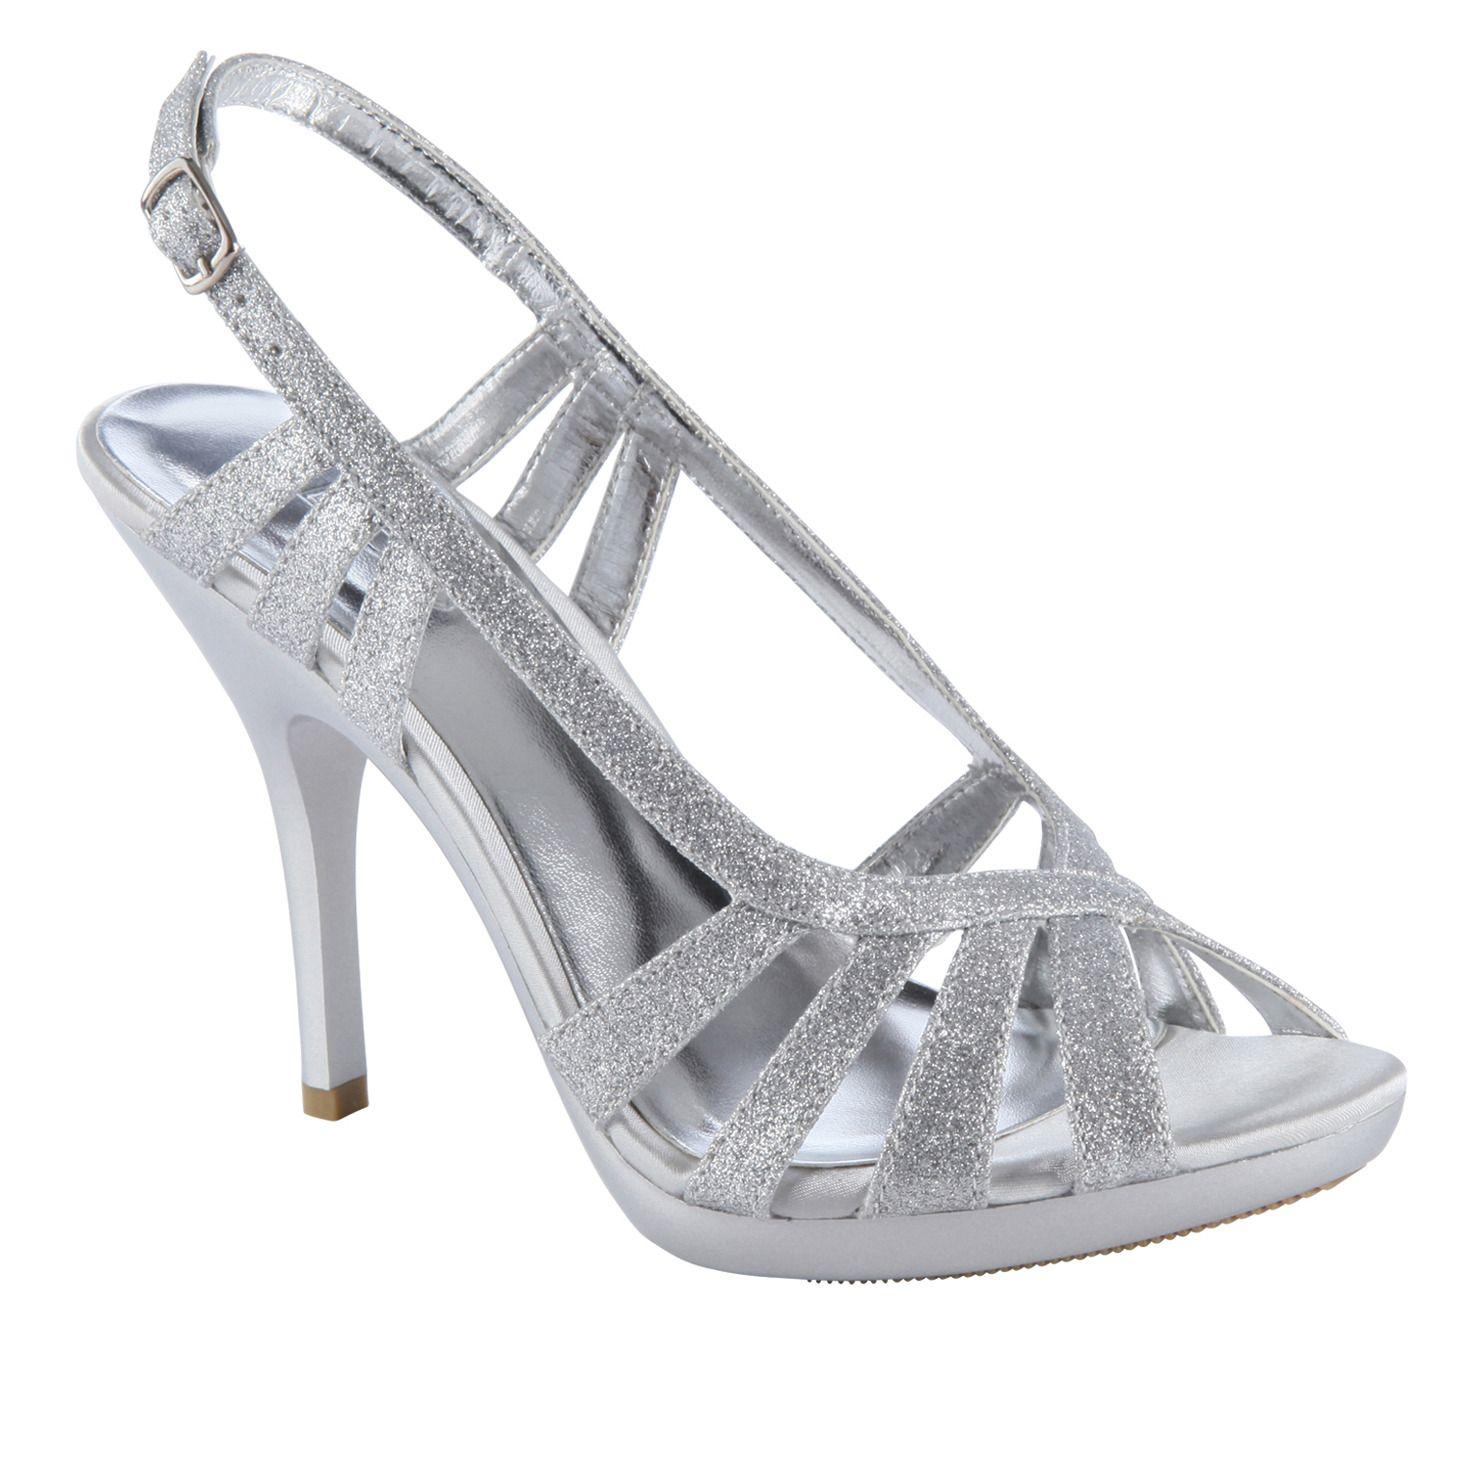 Bridal Shoes Aldo: ALDO Billeck #wedding Inspiration #shoes Aldoshoes.com